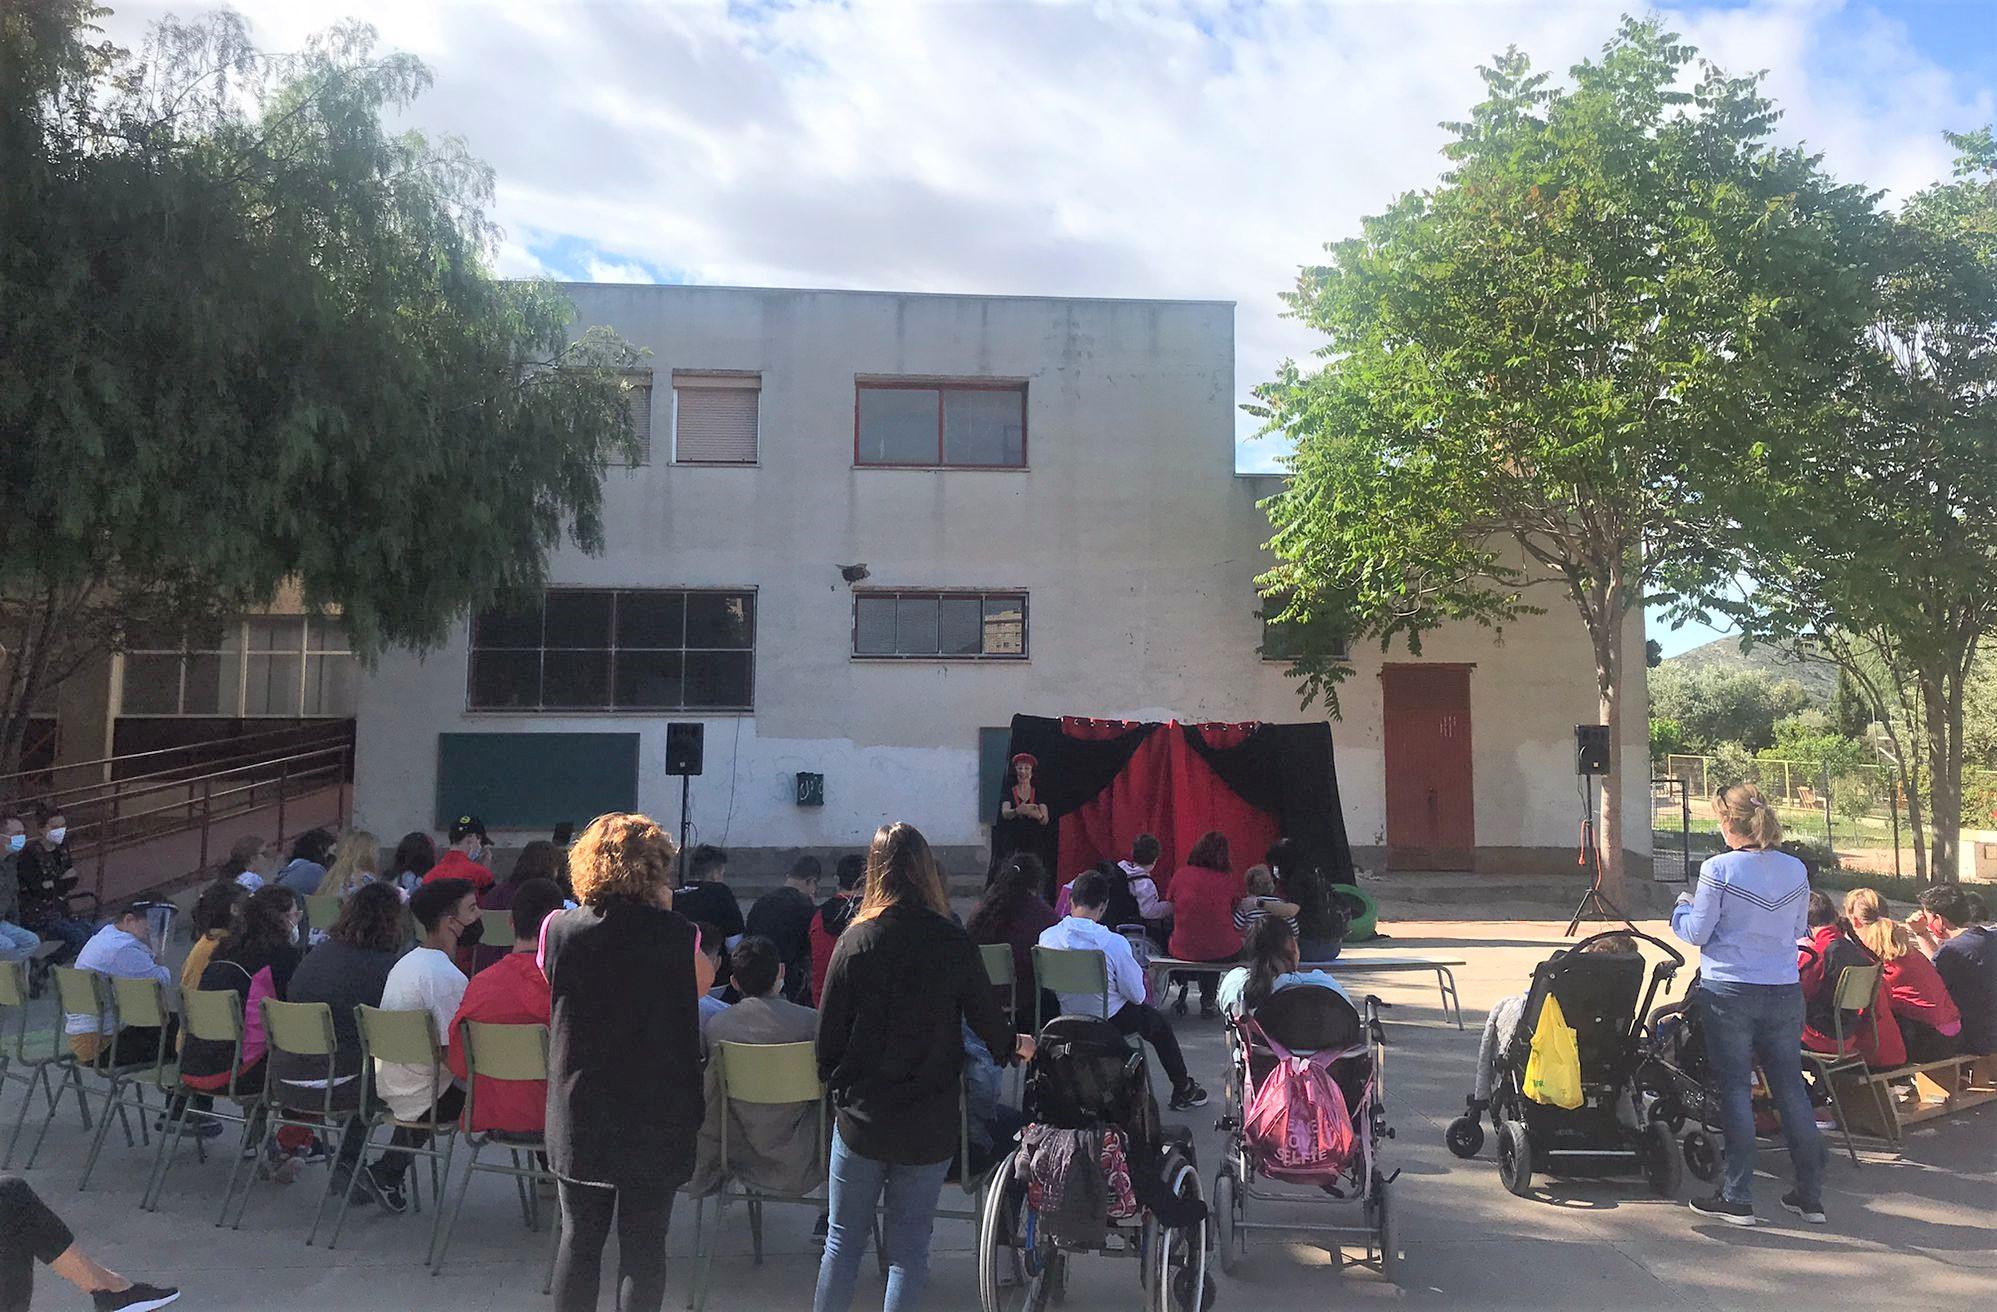 El IMSSE pone en marcha una campaña en los centros educativos de Elda para incorporar desde la infancia la perspectiva de género y la igualdad en la vida cotidiana